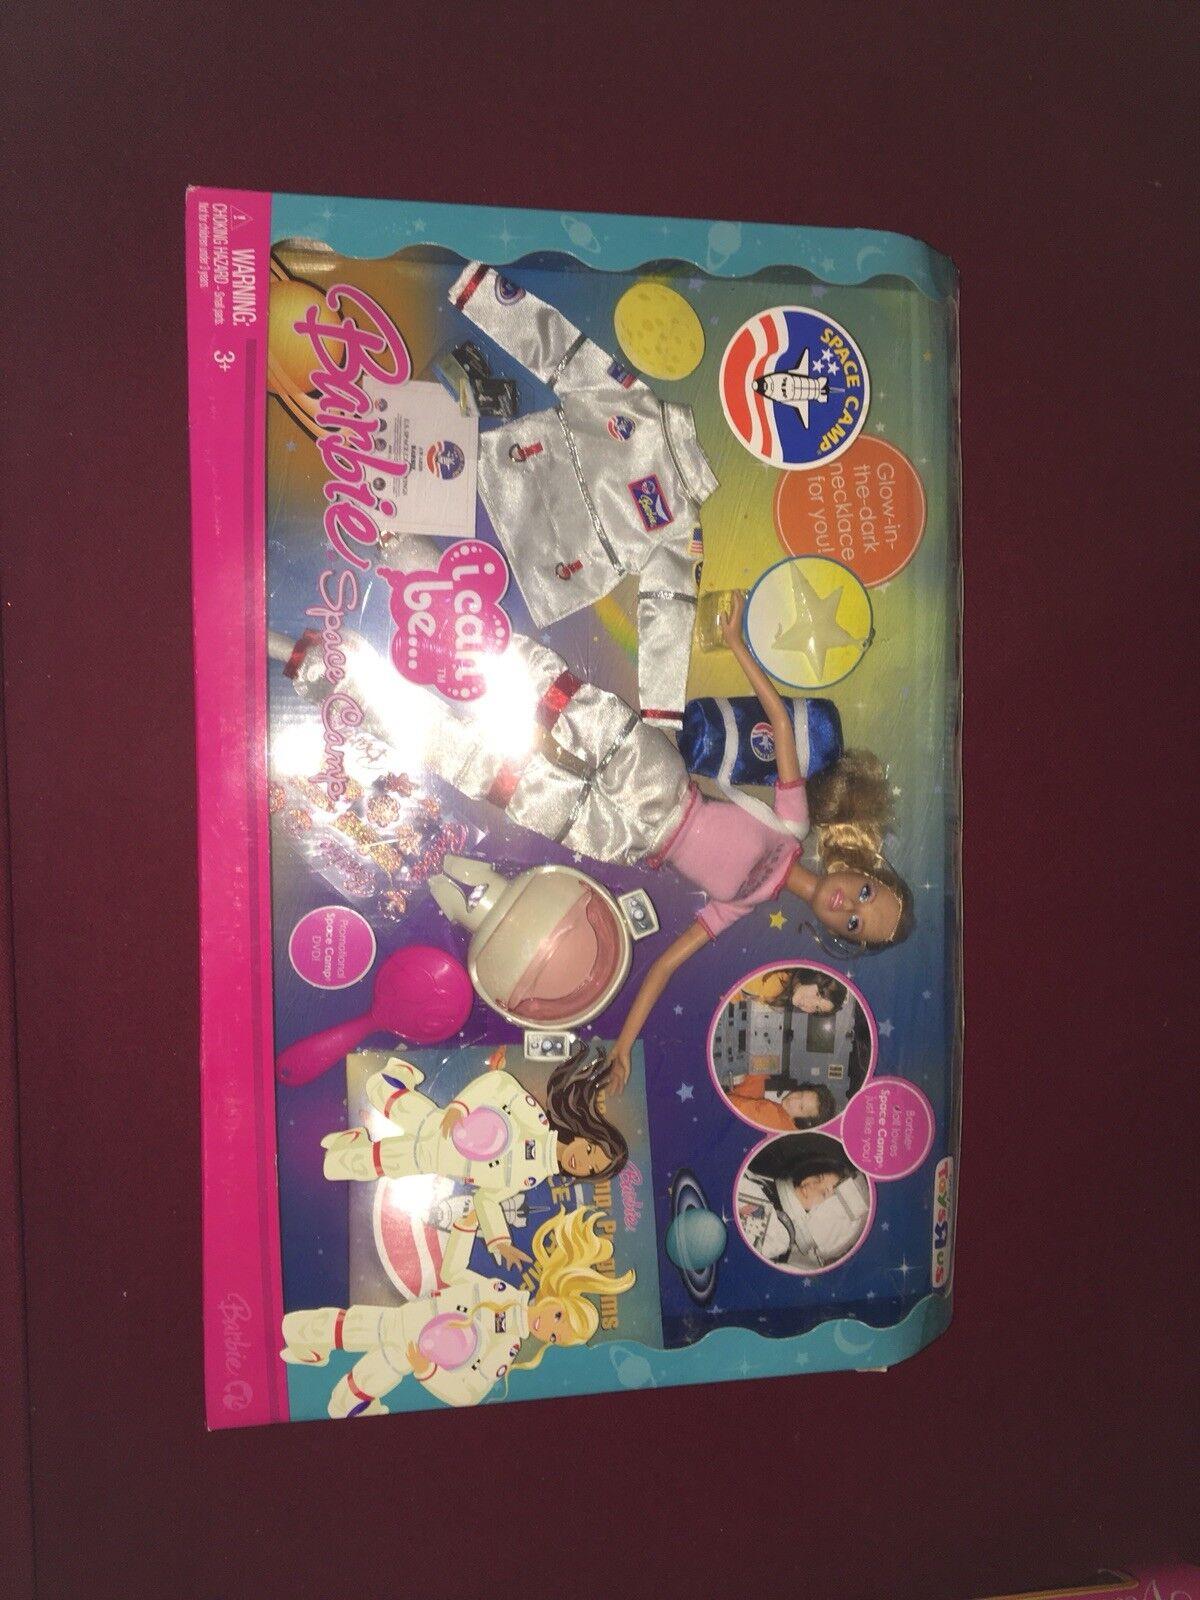 Barbie Puedo Ser espacio campamento Toys R Us nunca quitado de la caja